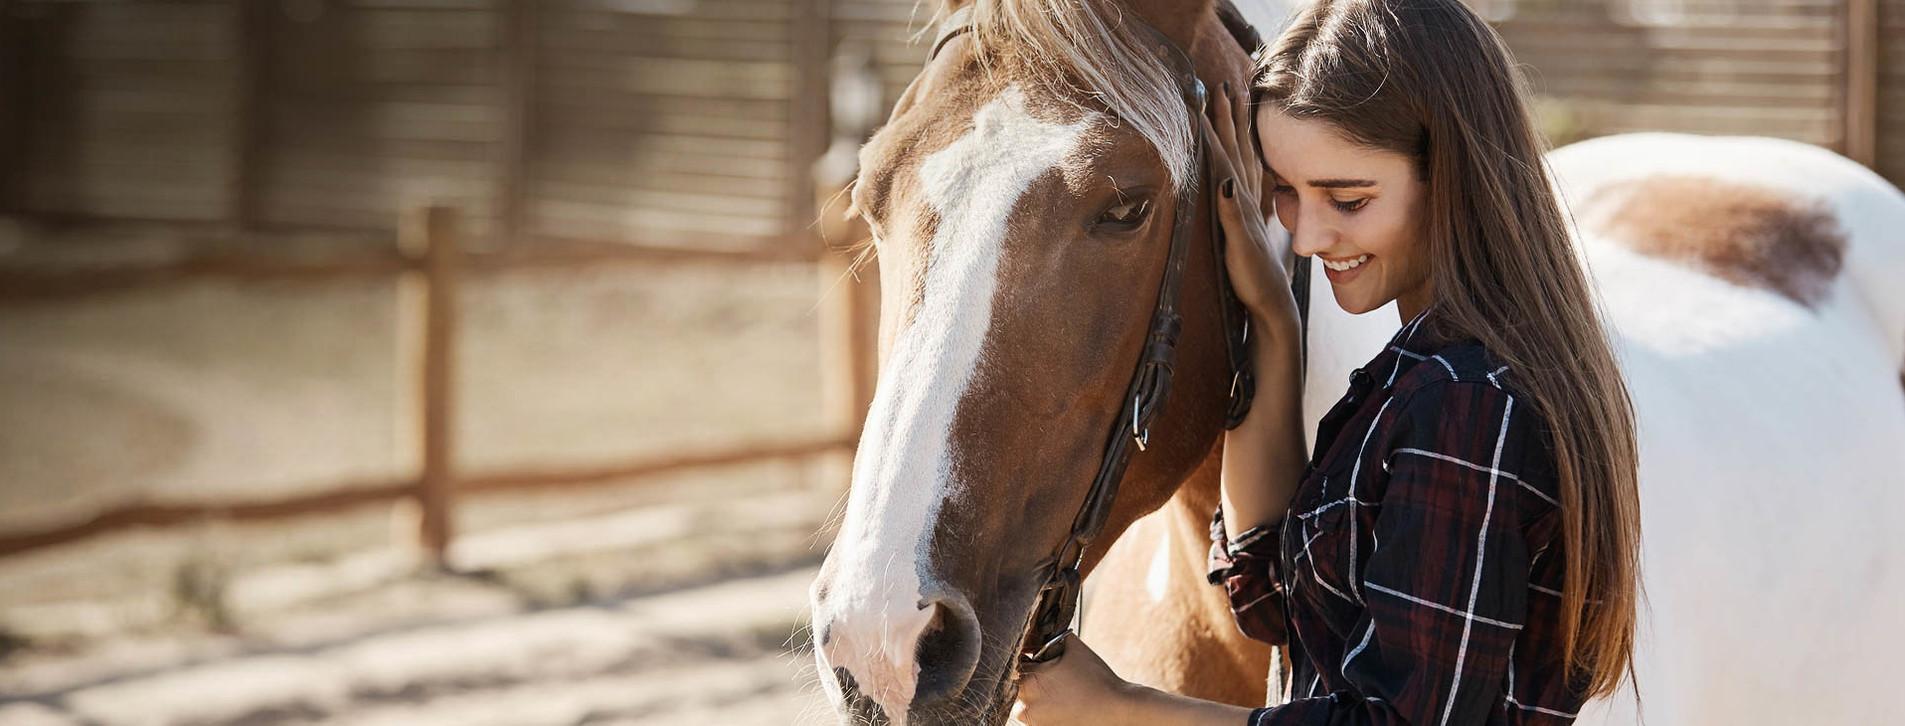 Фото 1 - Фотосессия с лошадьми